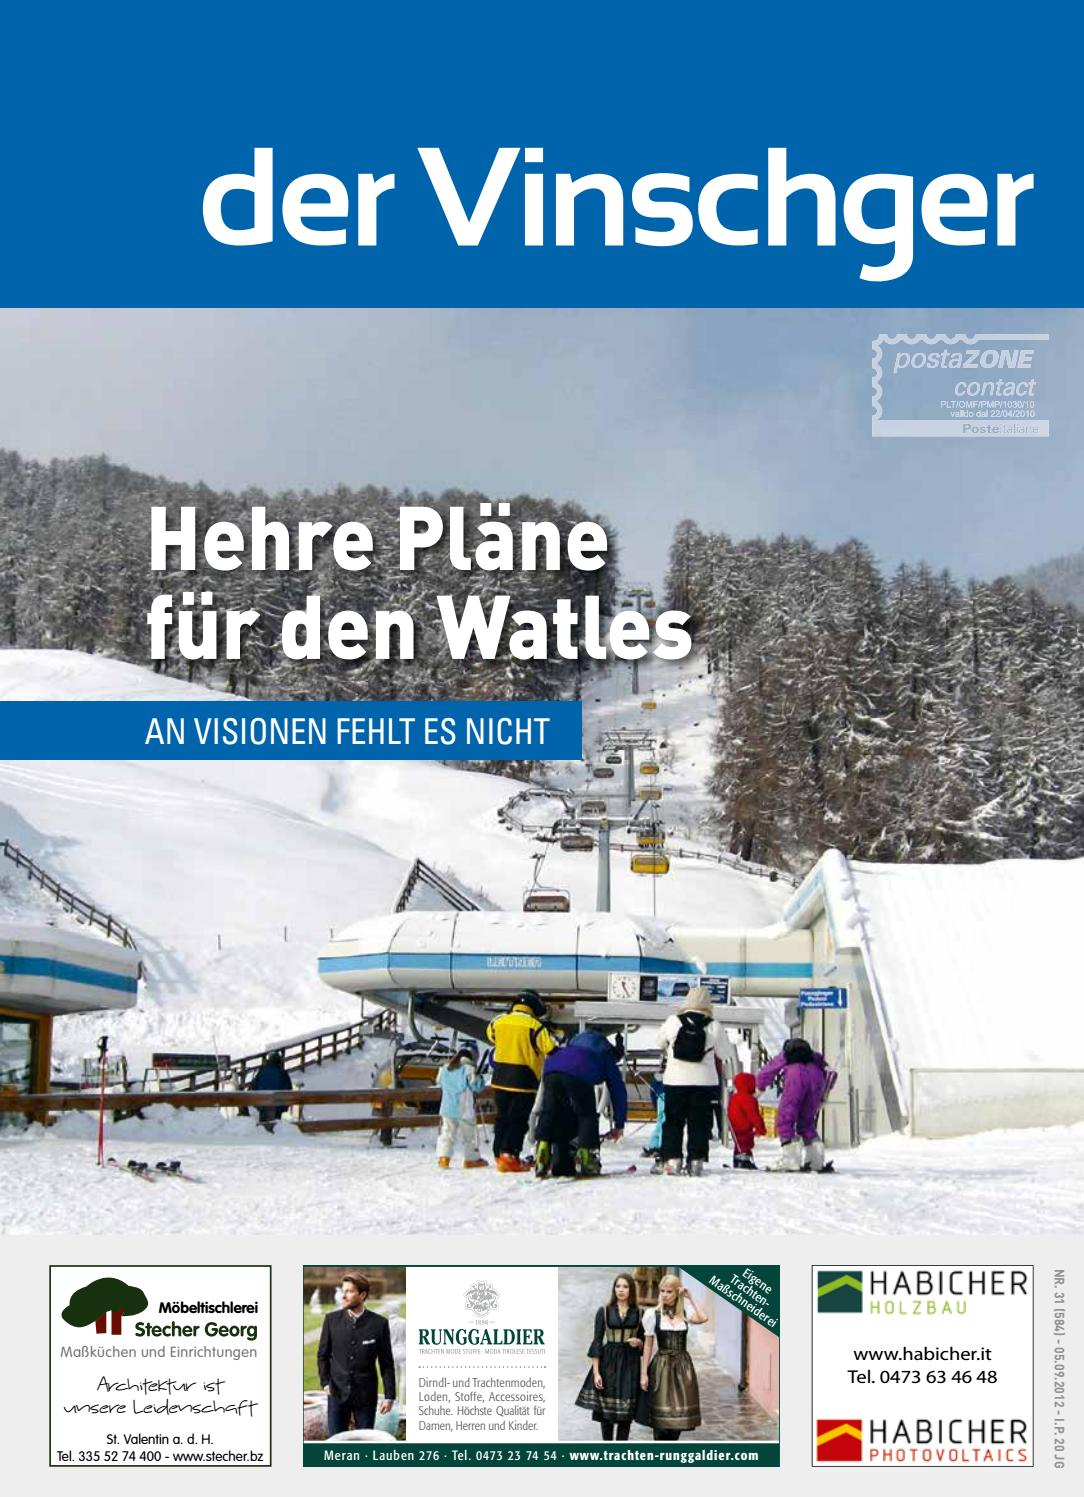 Hehre Pläne Für Den Watles By Piloly.com GmbH   Issuu